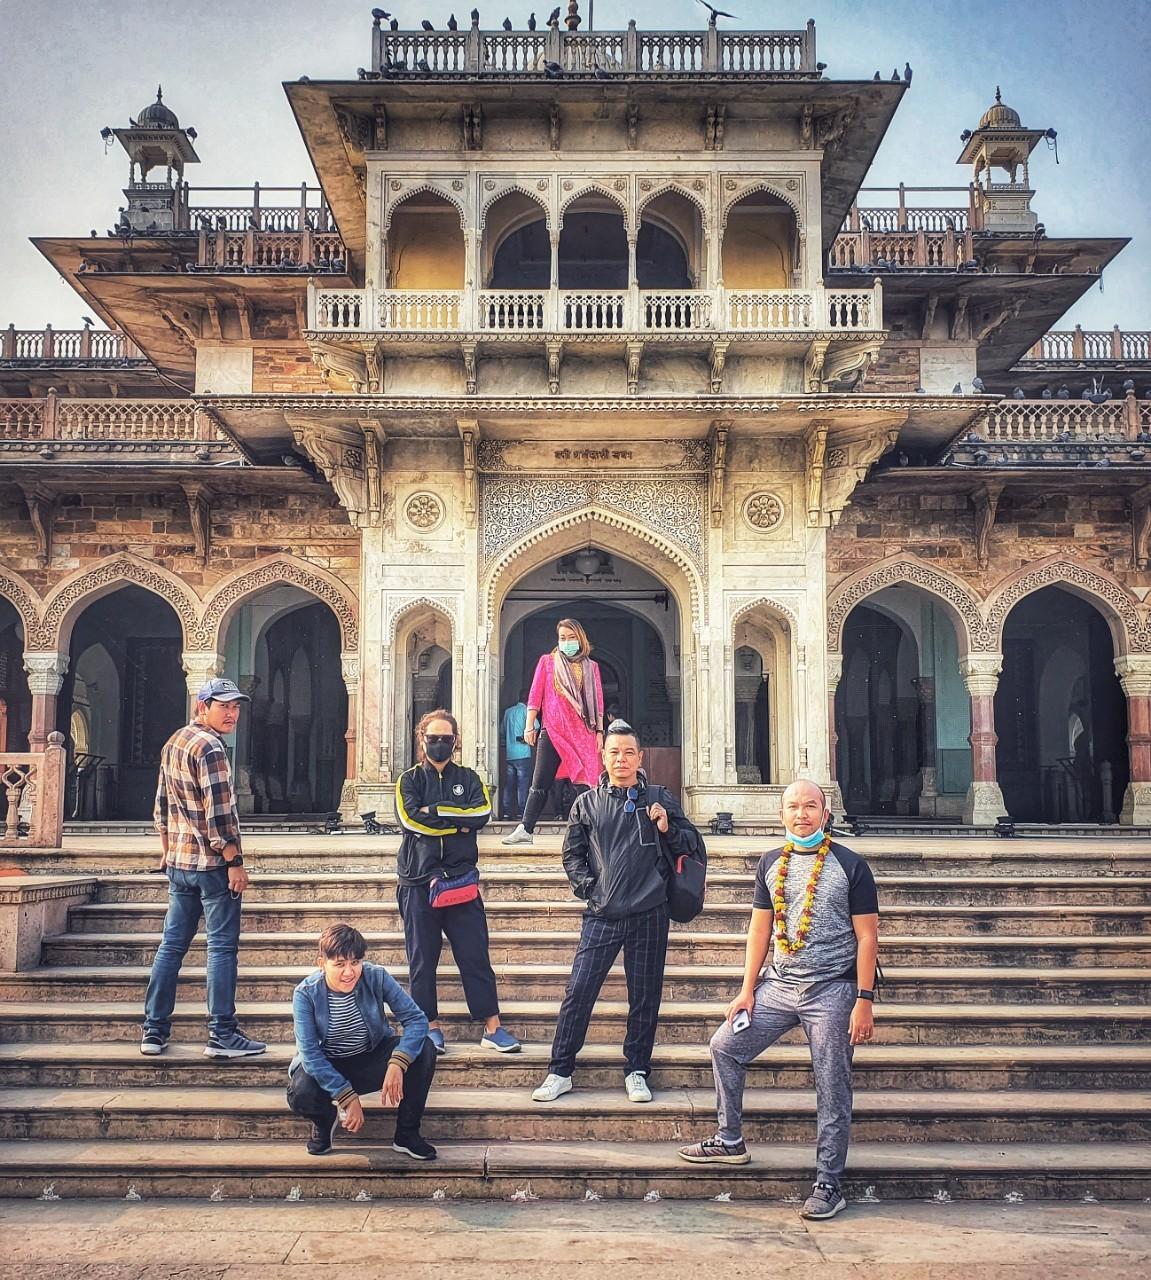 ทริปช่อง ONE 31HD ดูโลเคชั่นเพื่อเตรียมนำกองถ่าย ไปถ่ายทำละคร ณ ประเทศอินเดีย